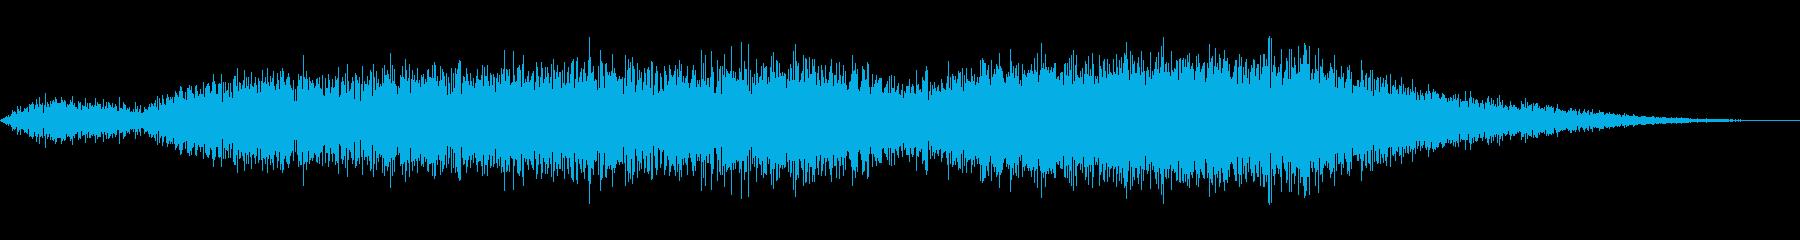 ハウリングウインドの再生済みの波形